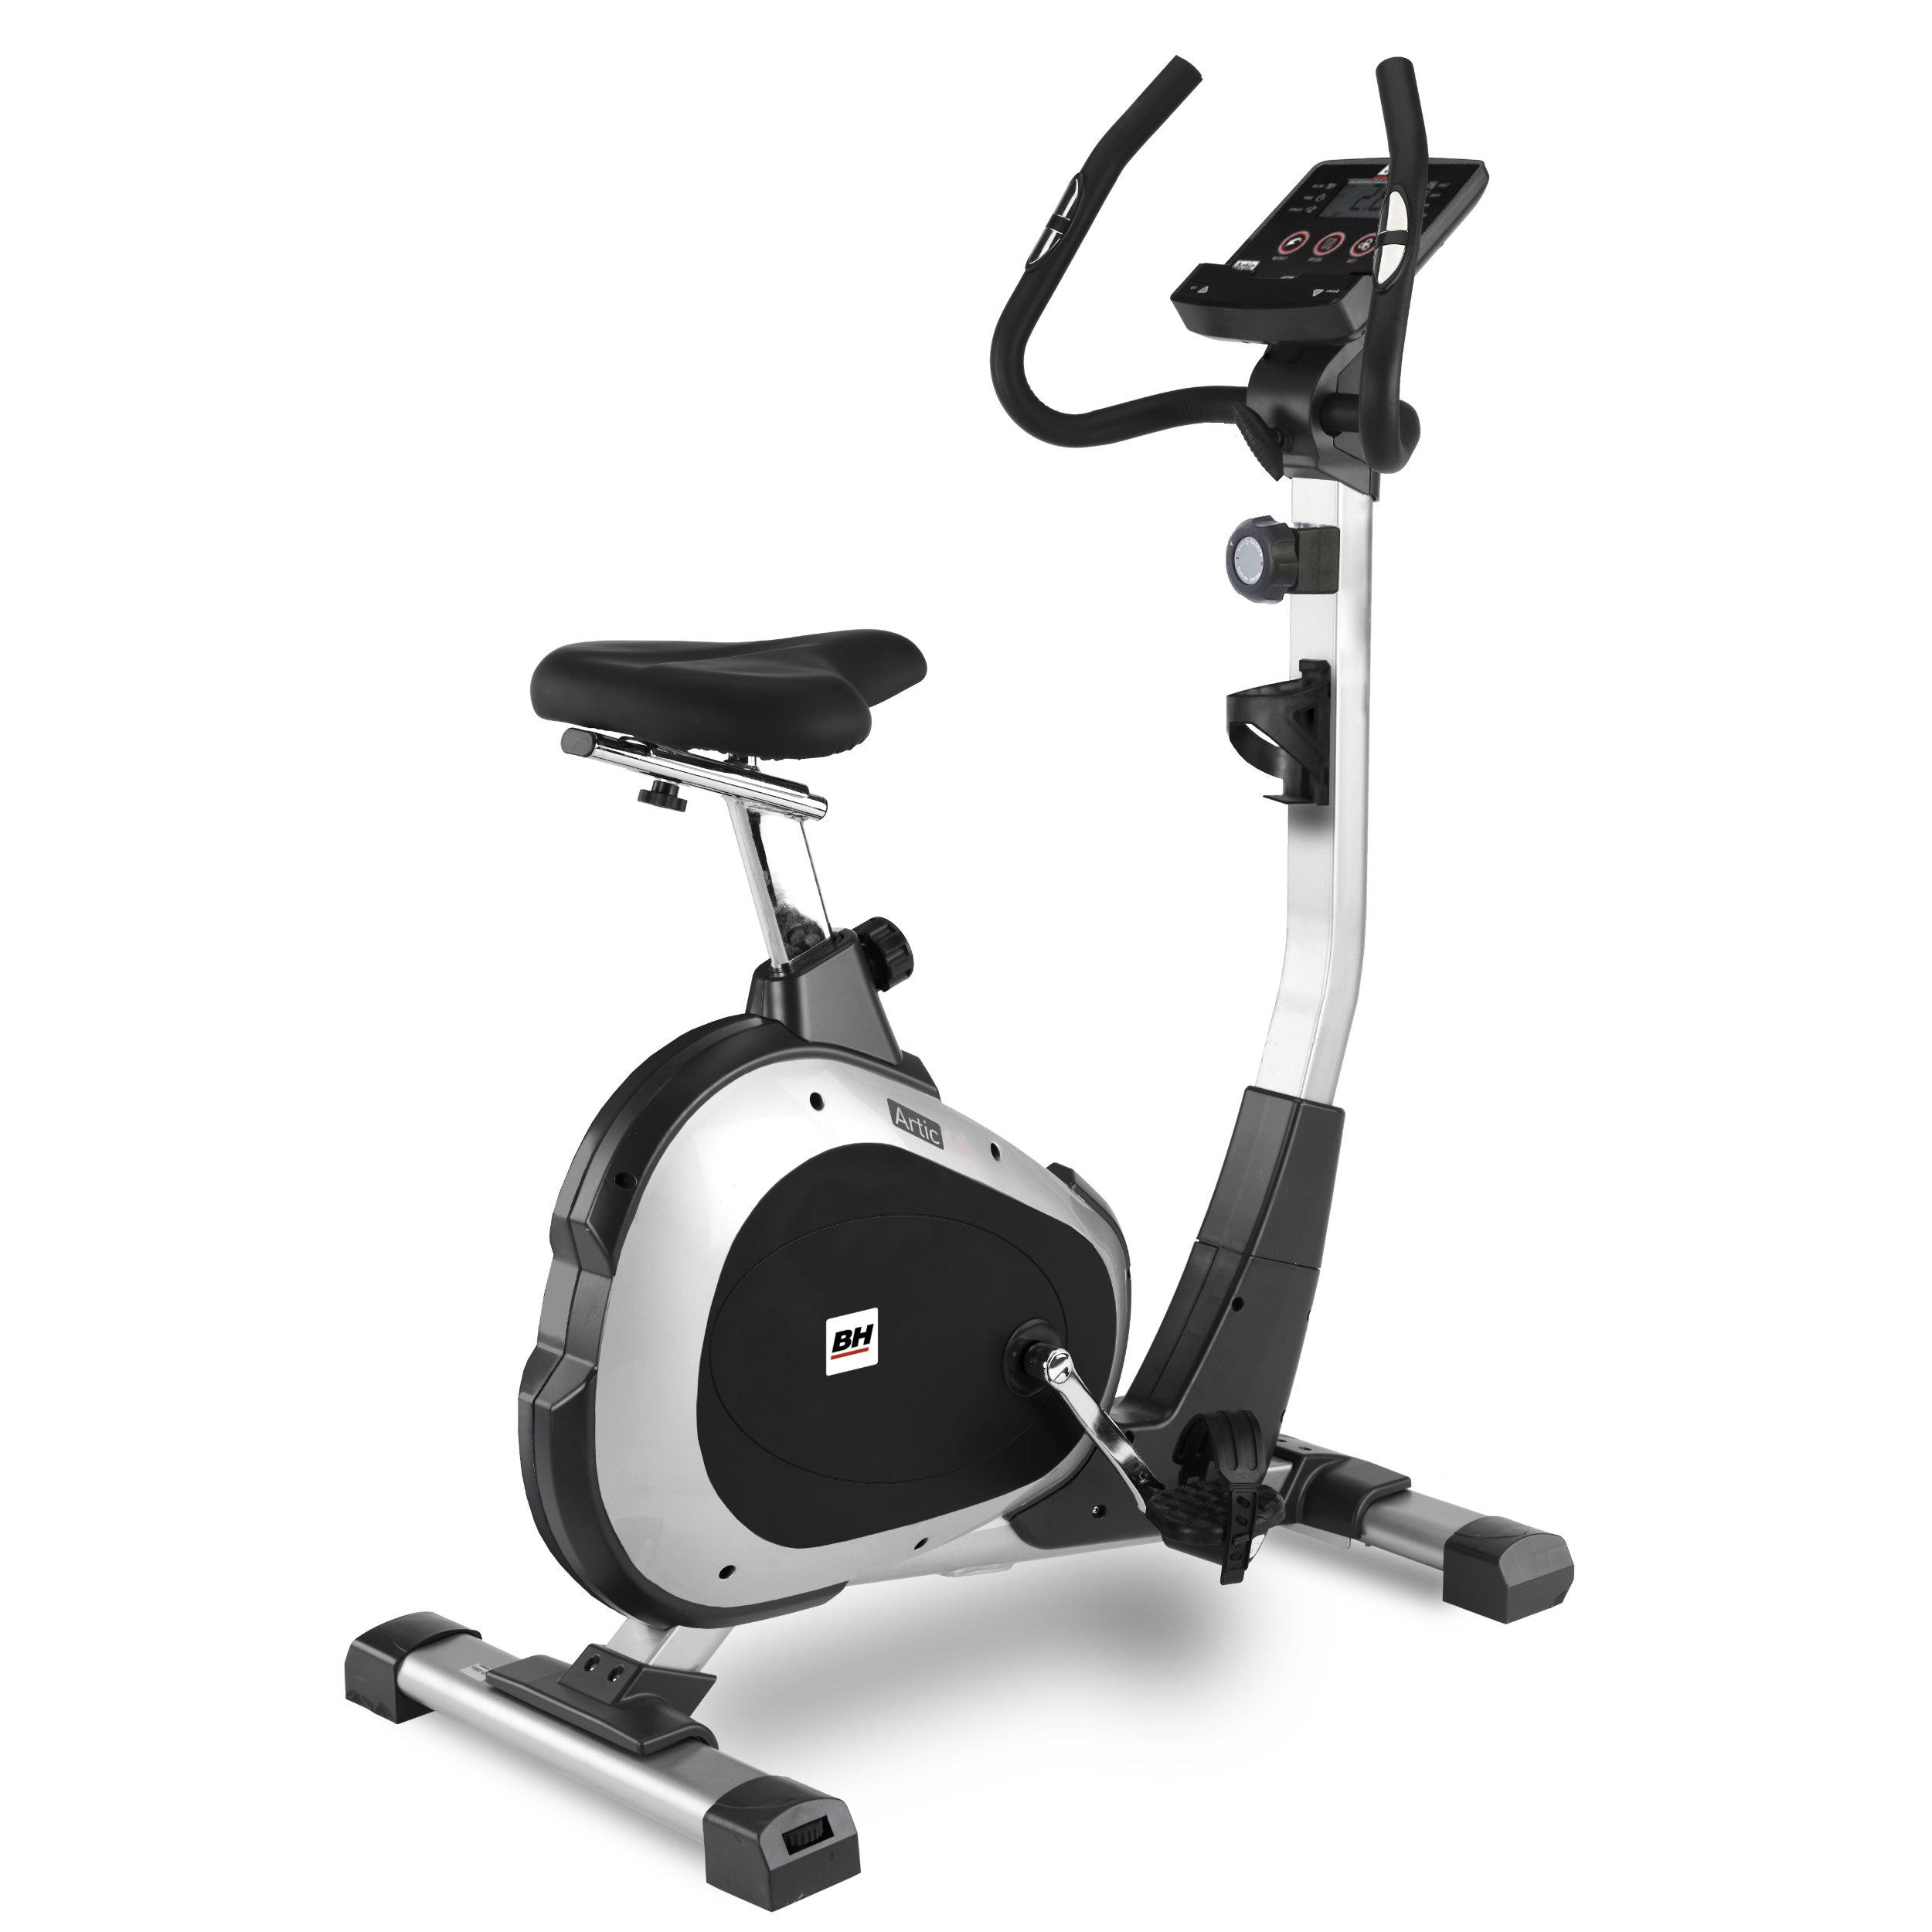 จักรยานนั่งปั่น : BH Fitness H673F Artic - 8 KG.